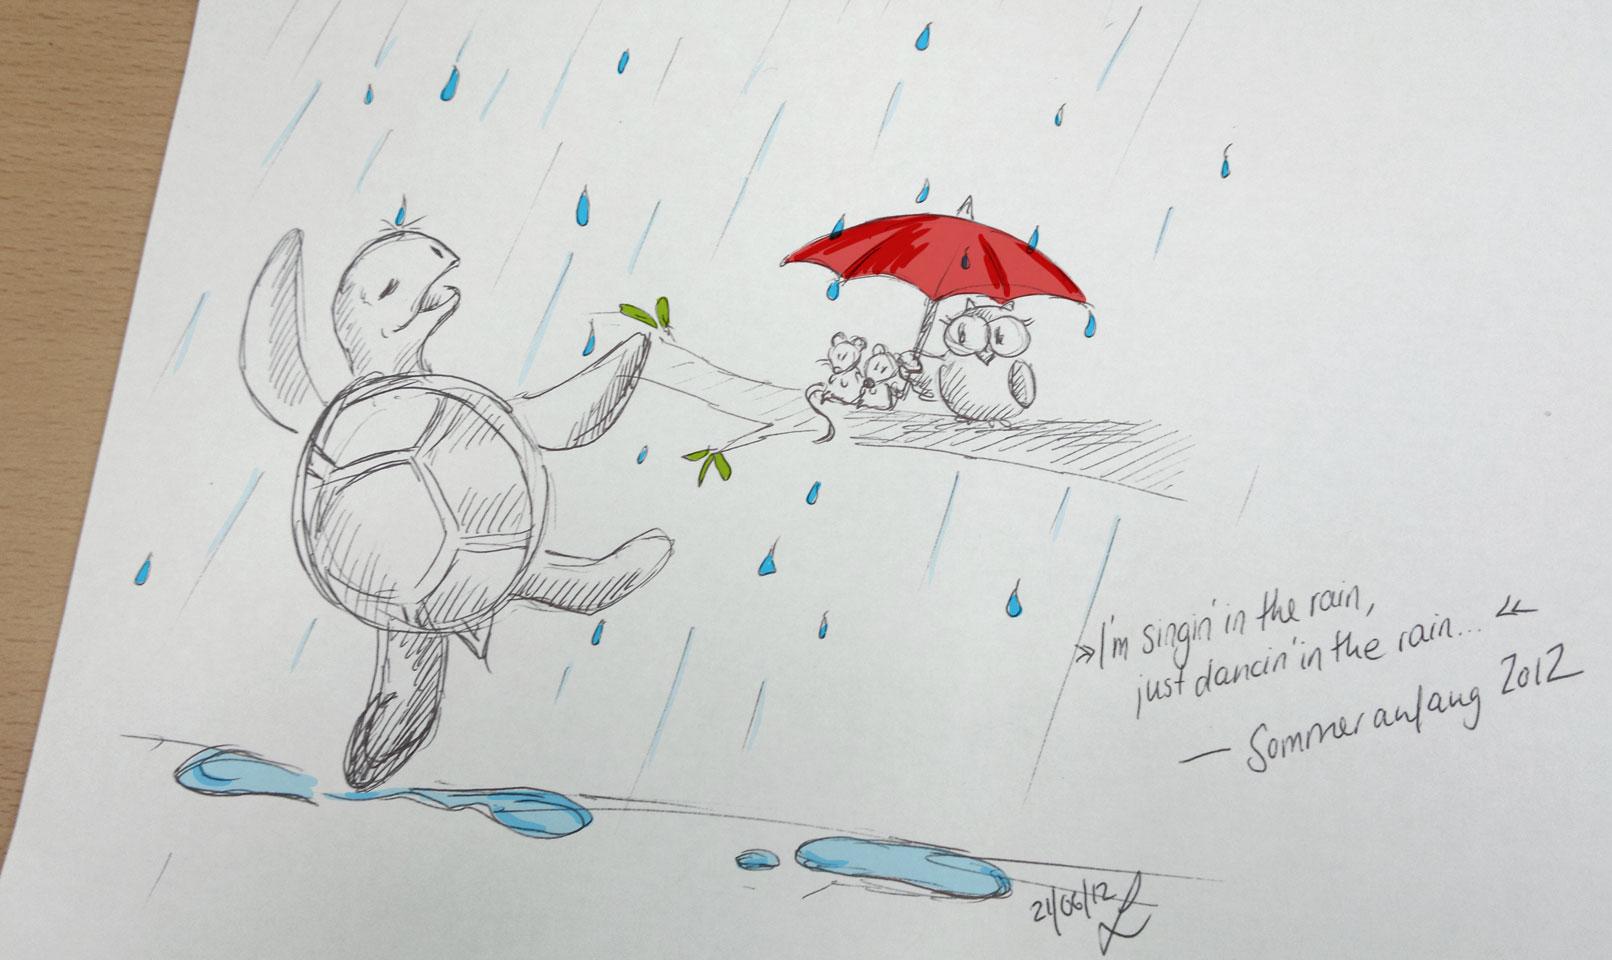 """Kröt tanzt und sprint durch den Regen und sihiiingt laut: """"I'm singin' in the rain..."""""""